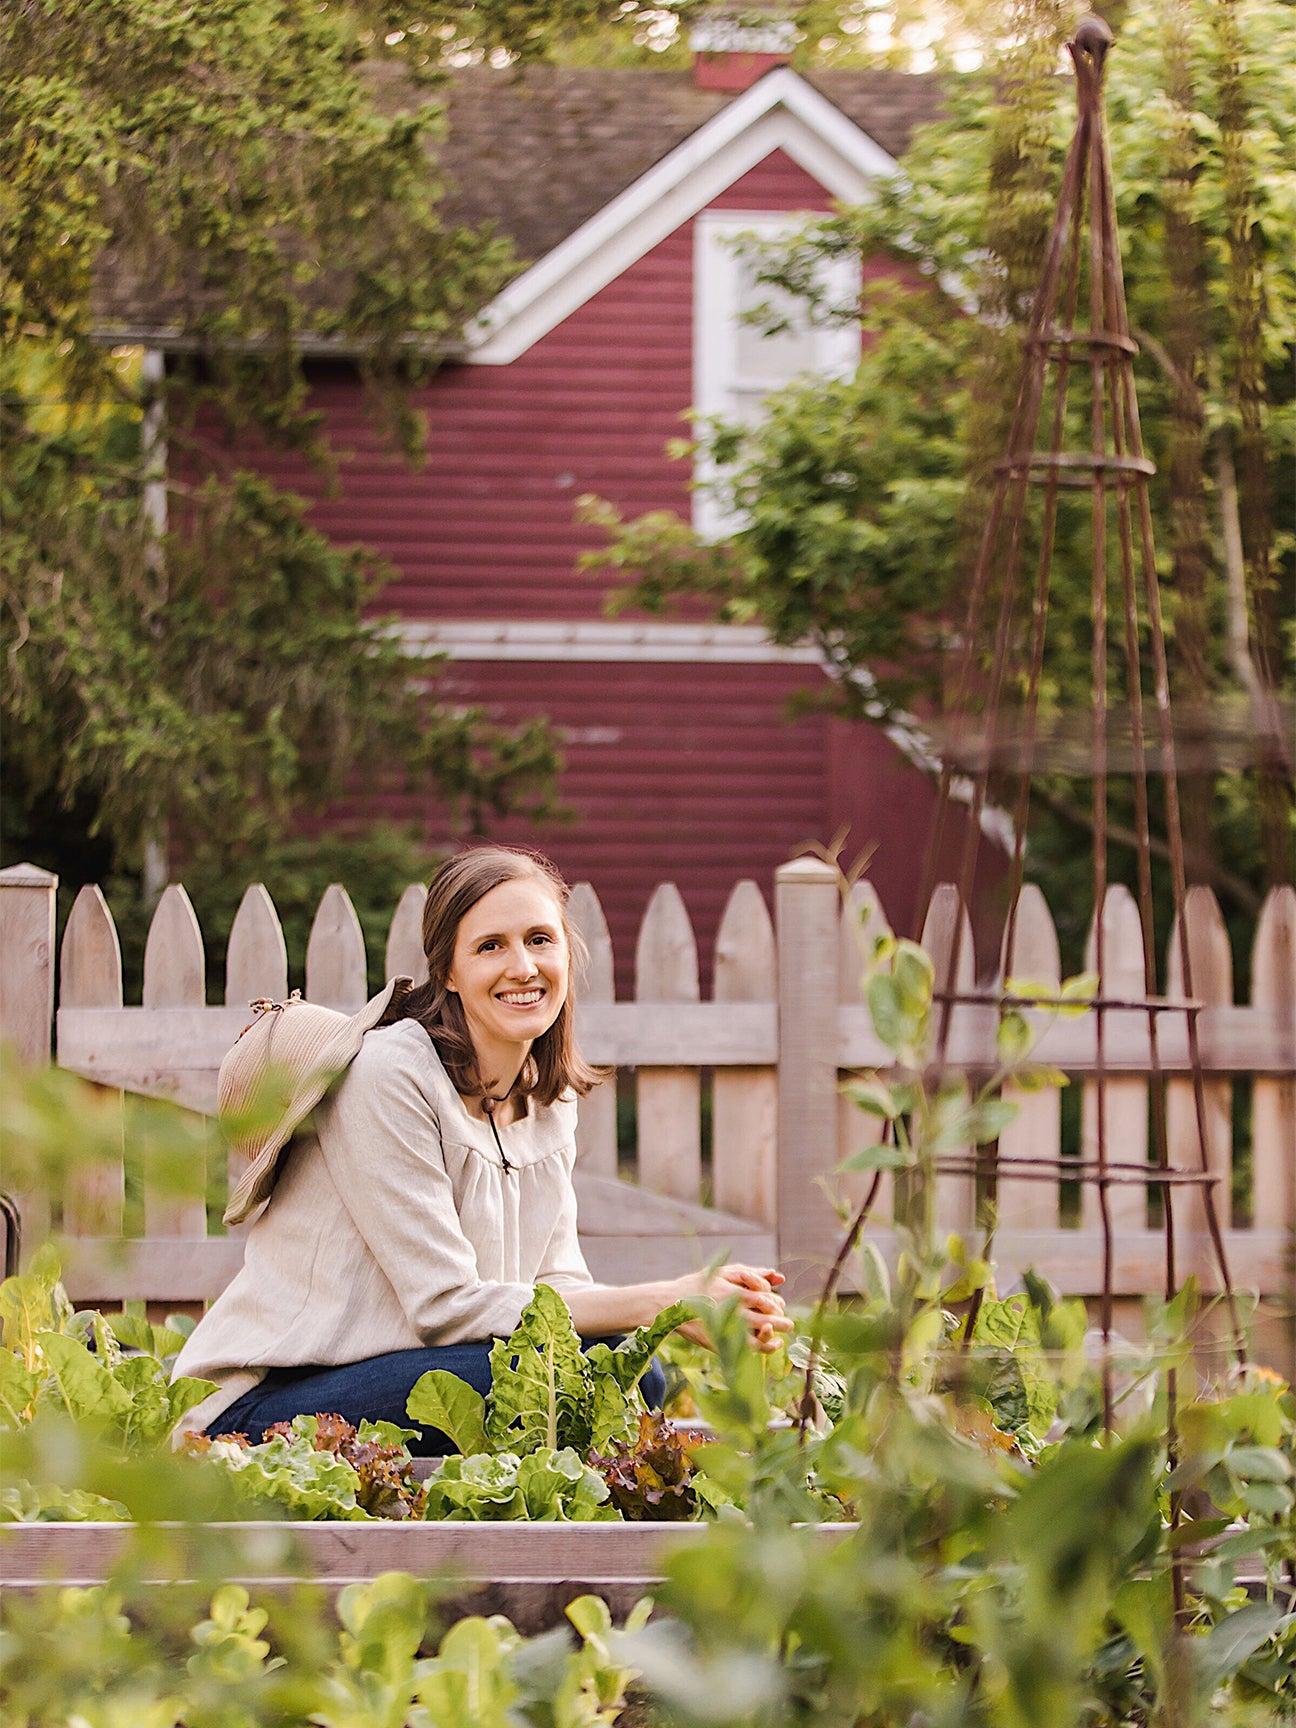 Julia Watkins in a yard